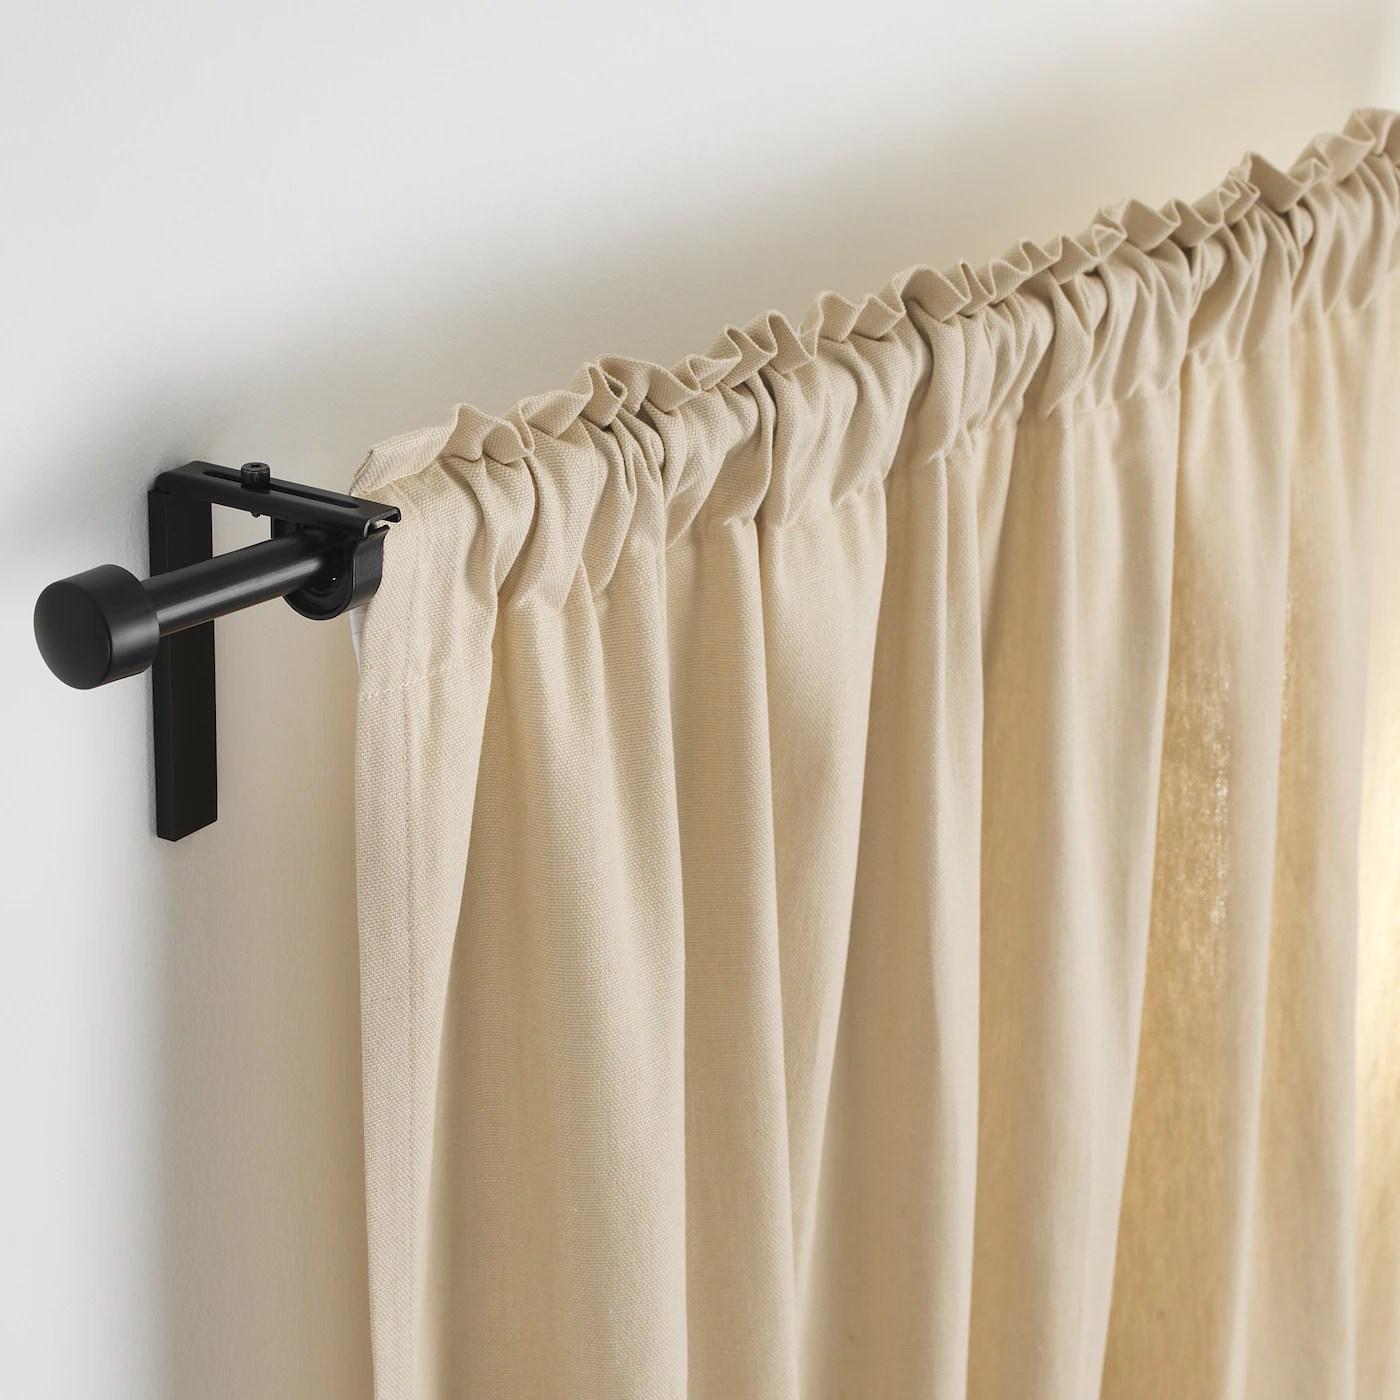 racka combinaison tringle a rideaux noir 120 210 cm